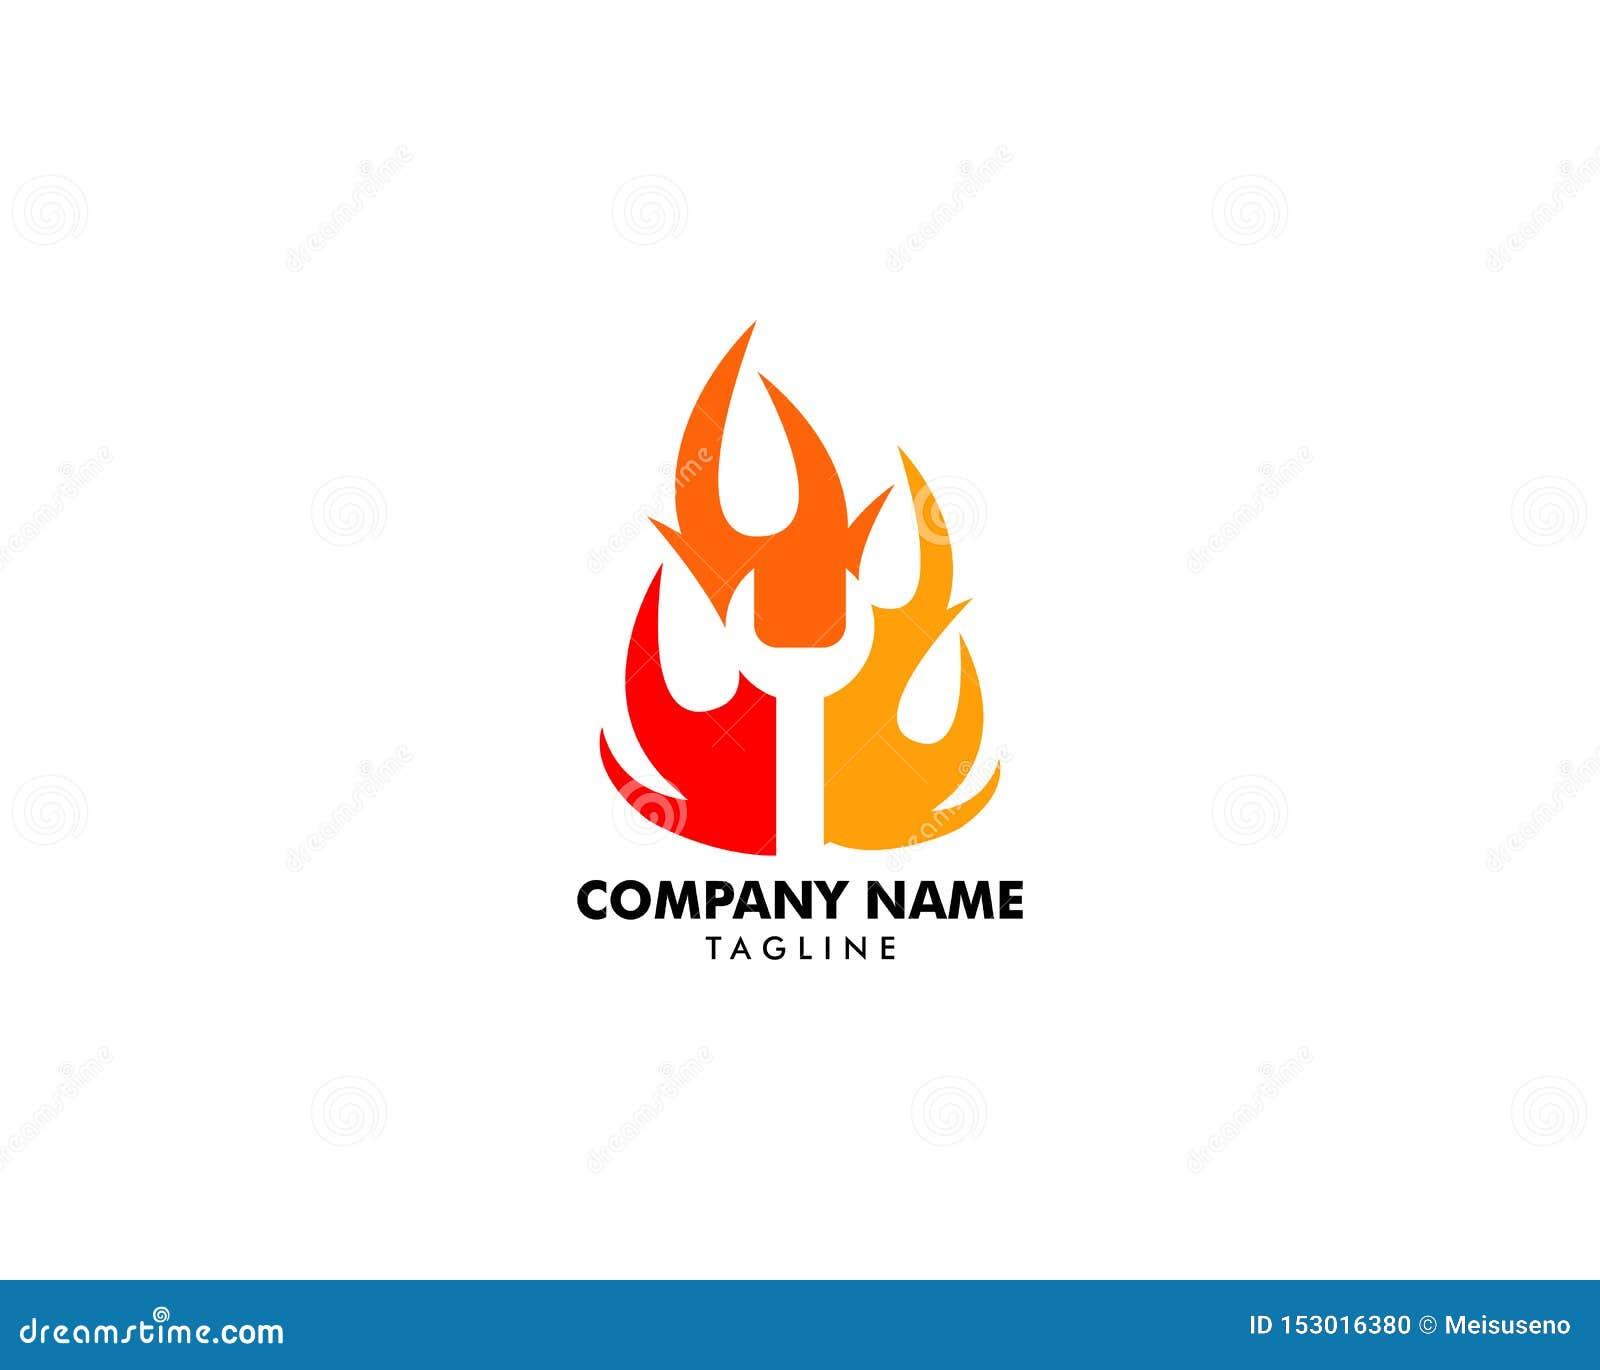 Wyrwanie w Pożarniczego płomienia logo projekta szablonu negatywu przestrzeni wektorowym stylu